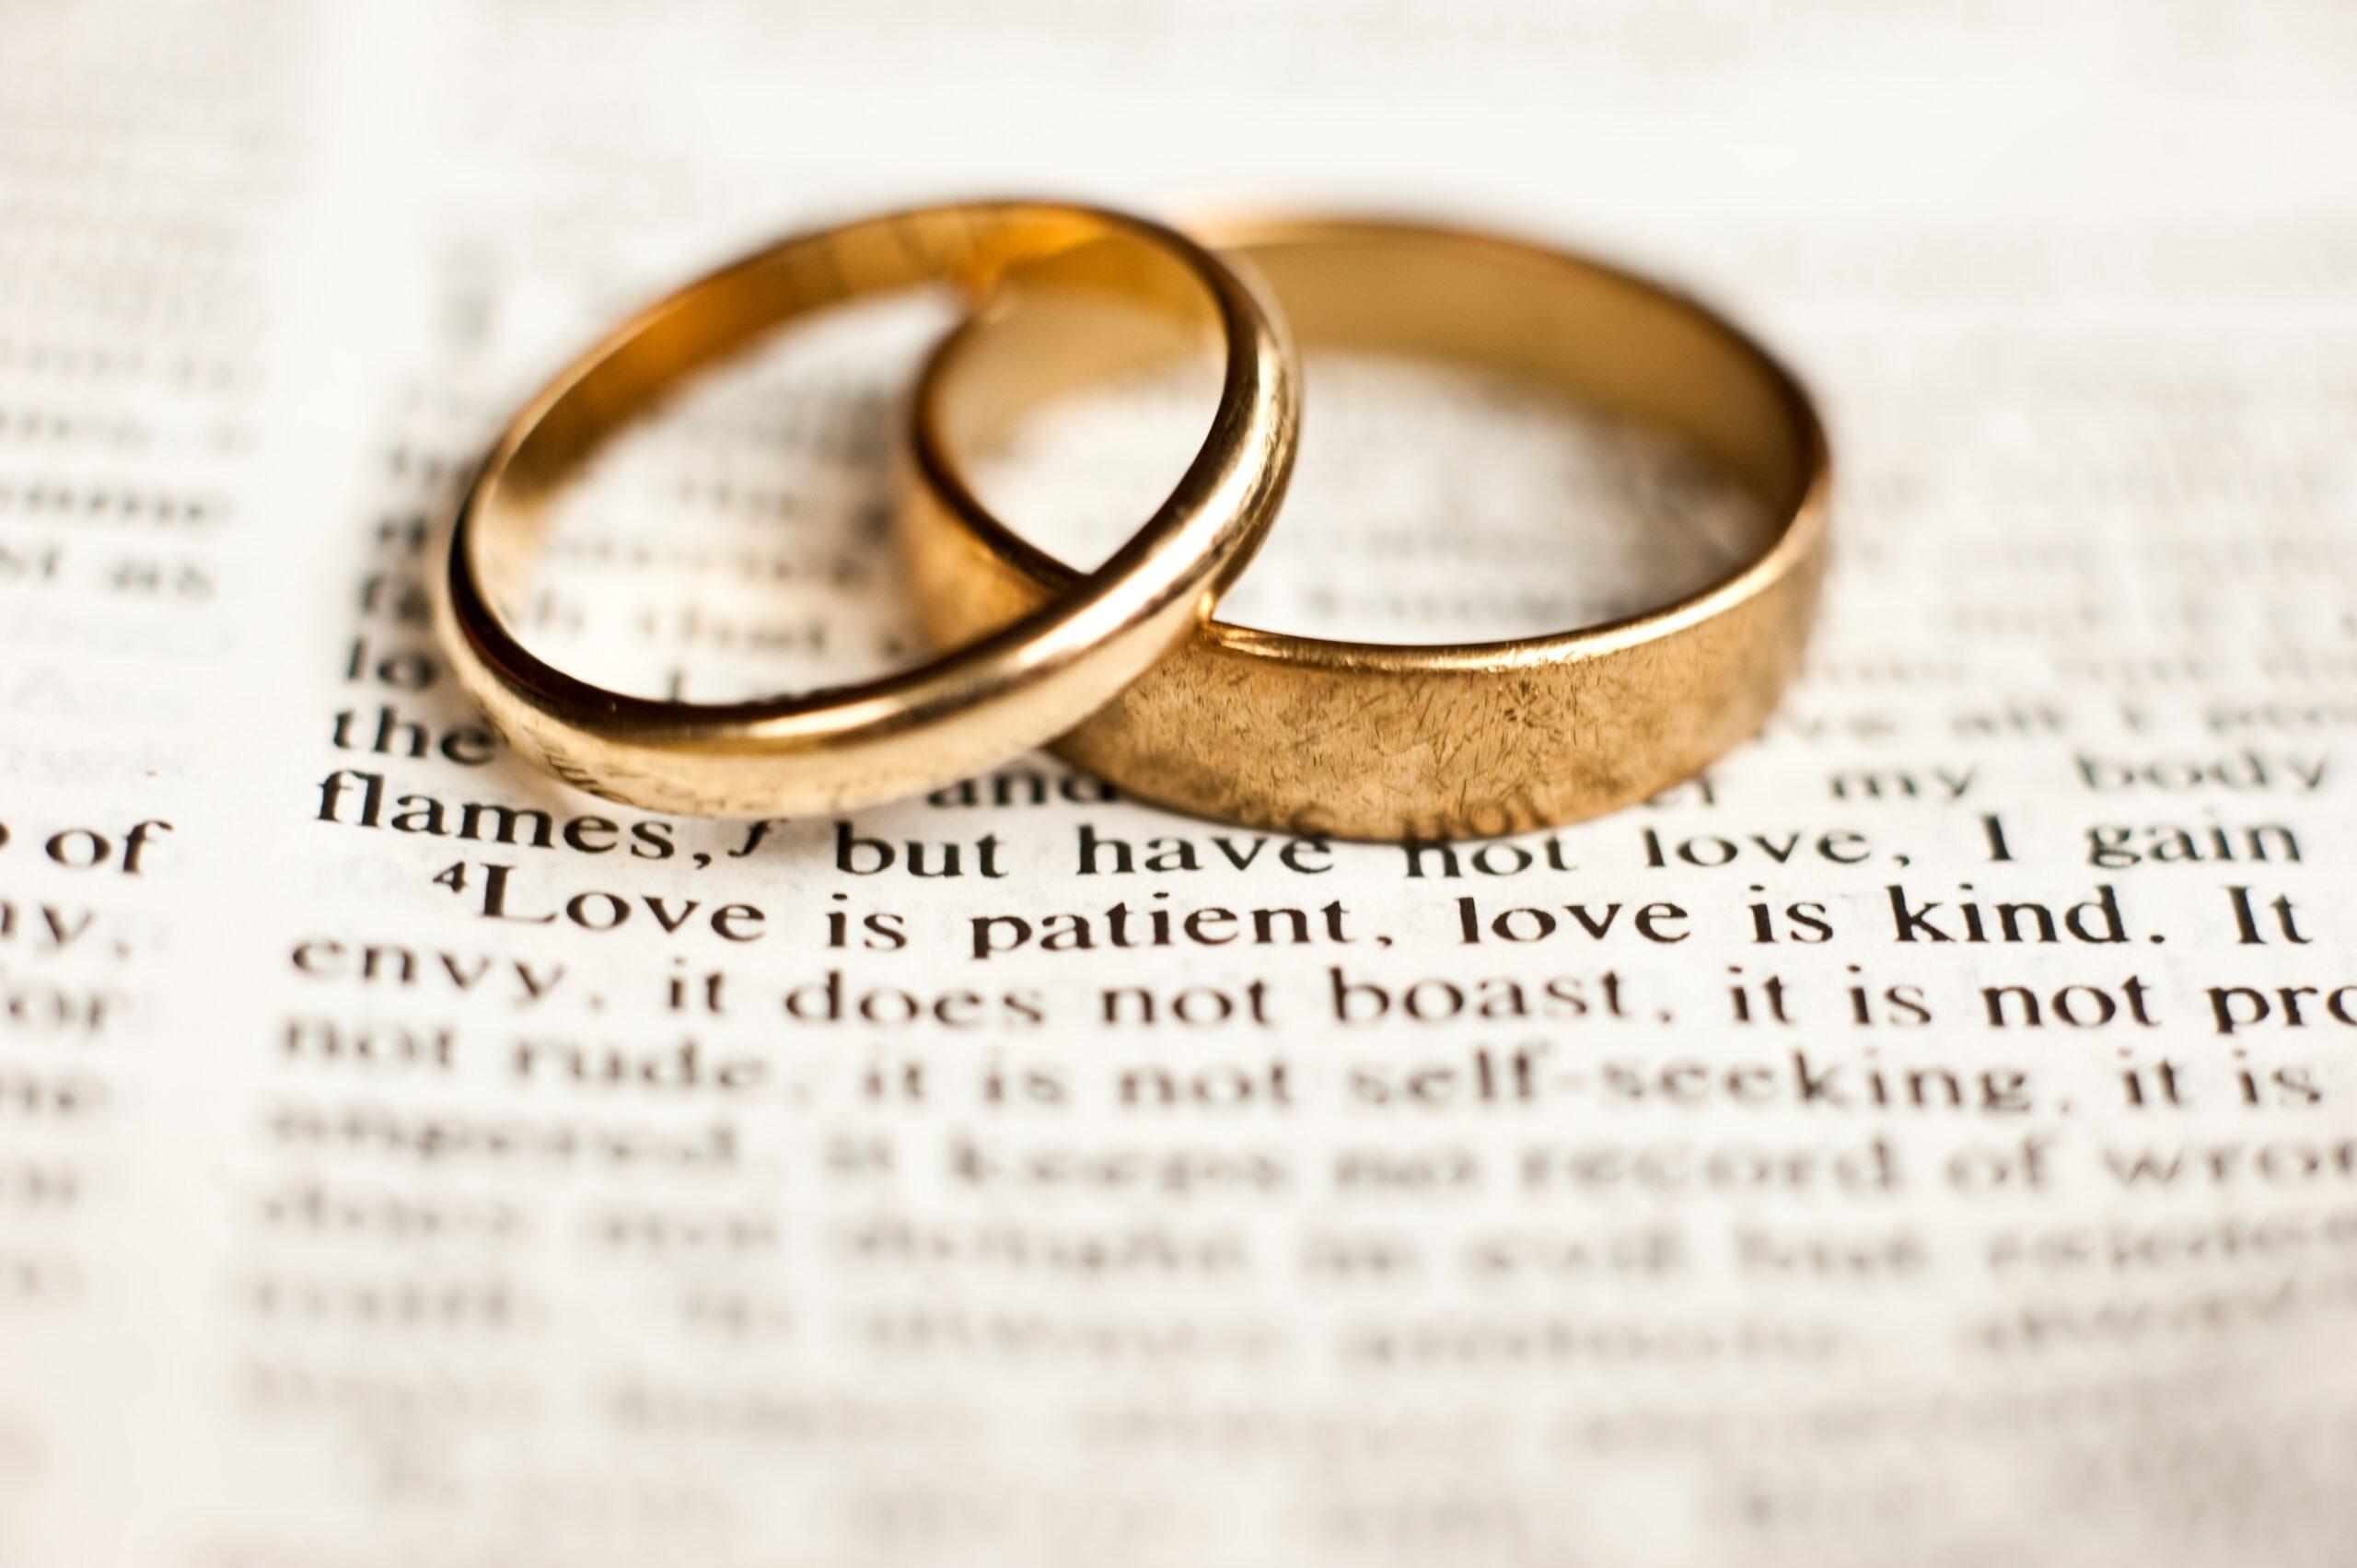 marital discrim rings